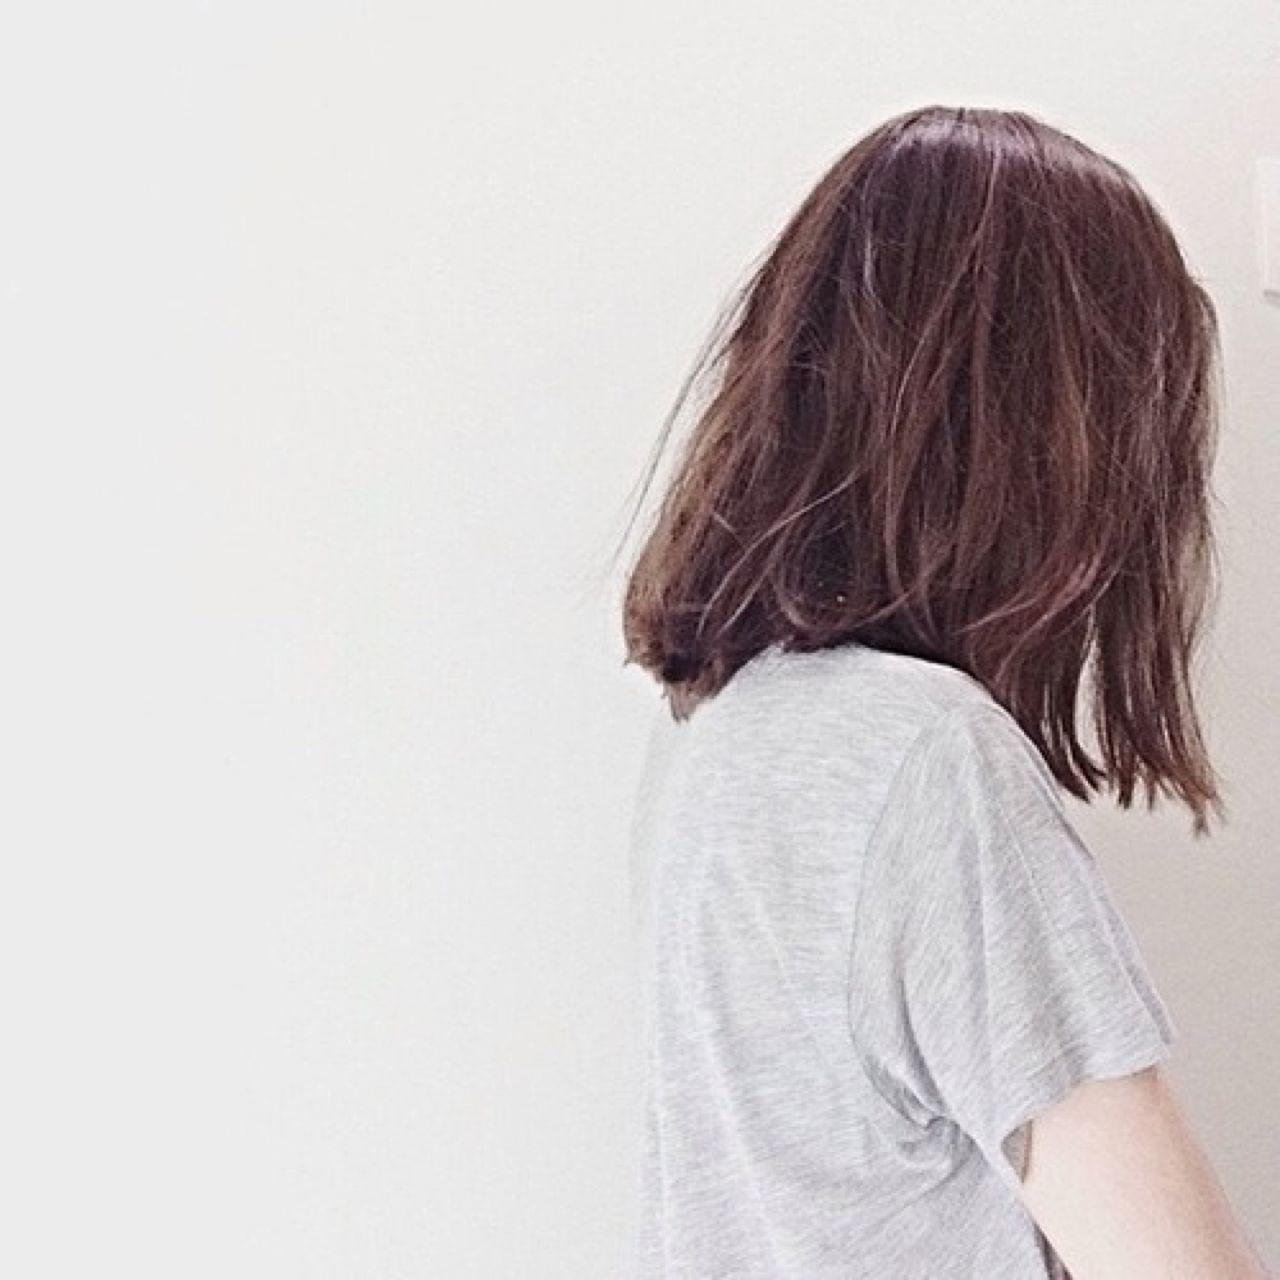 Девушка фото со спины на аву с короткой стрижкой